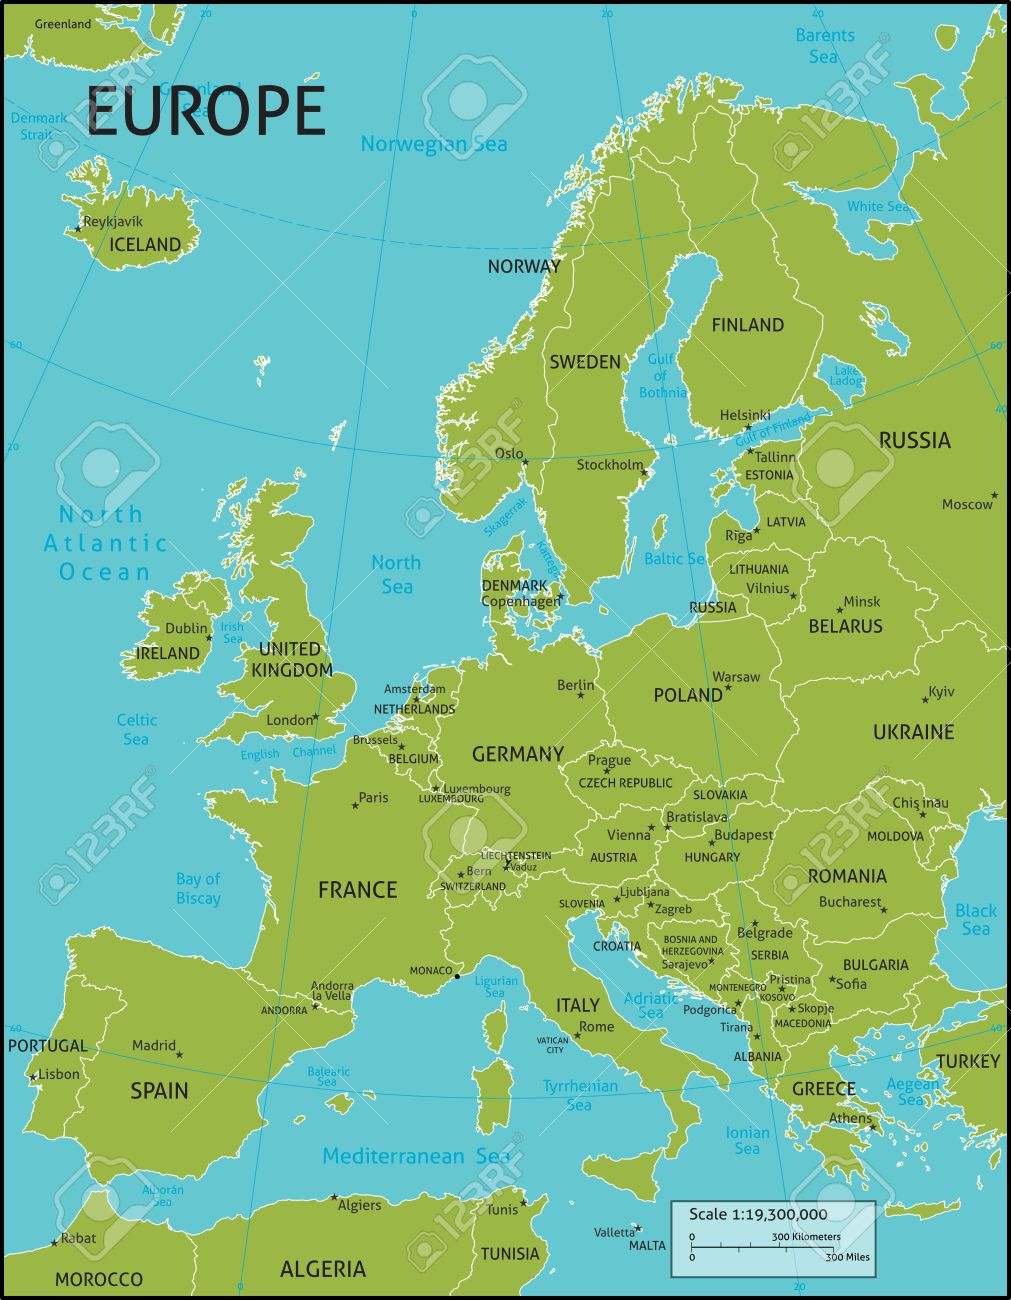 Une Carte De L'europe Avec Tous Les Noms De Pays, Et Les Capitales De Pays.  Organisé Dans La Version De Vecteur Dans Facile D'utiliser Des Couches. avec Pays D Europe Et Capitales